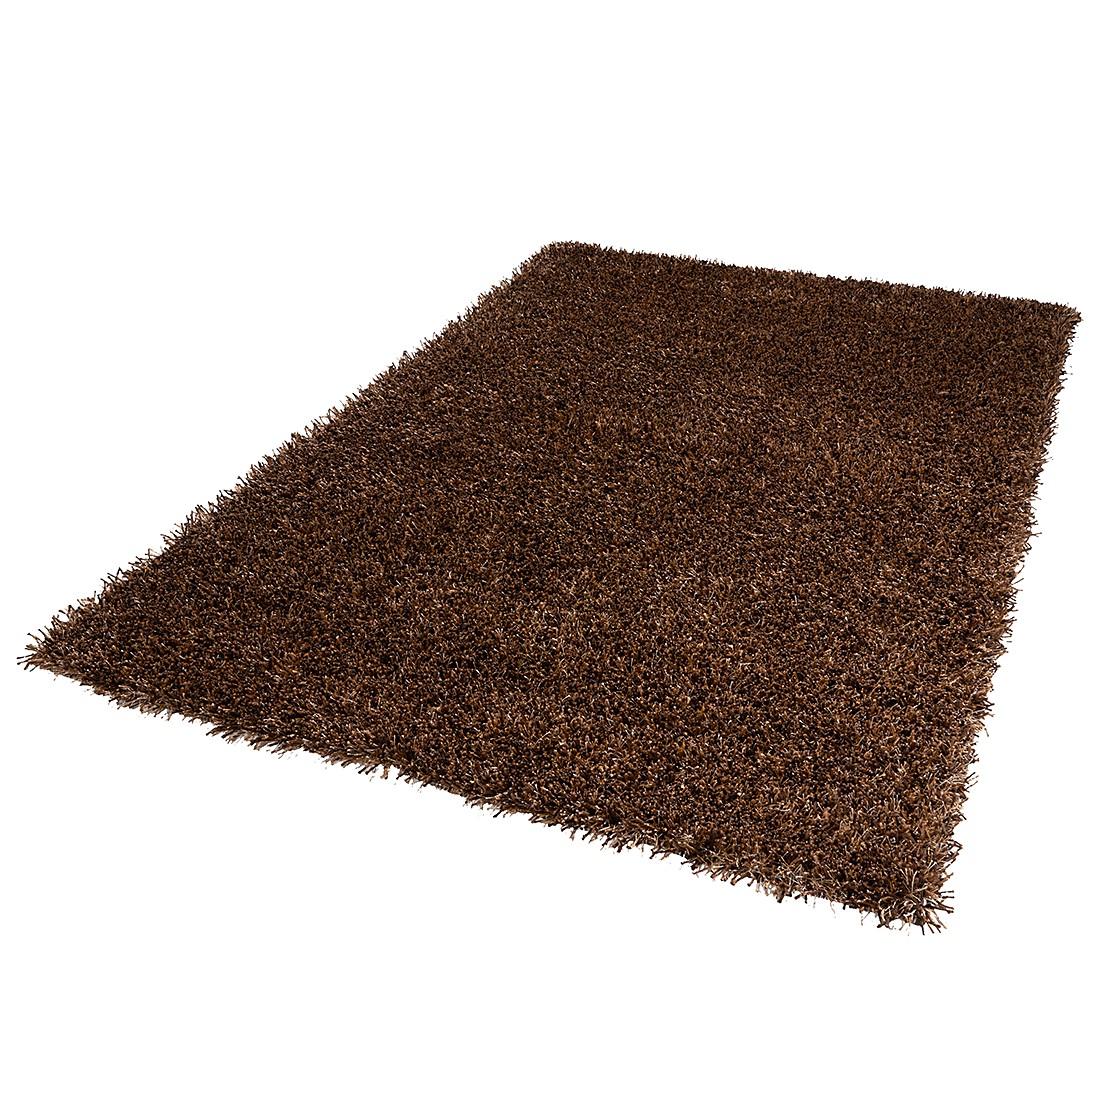 Teppich Corado – Braun – 160 x 230 cm, DEKOWE bestellen